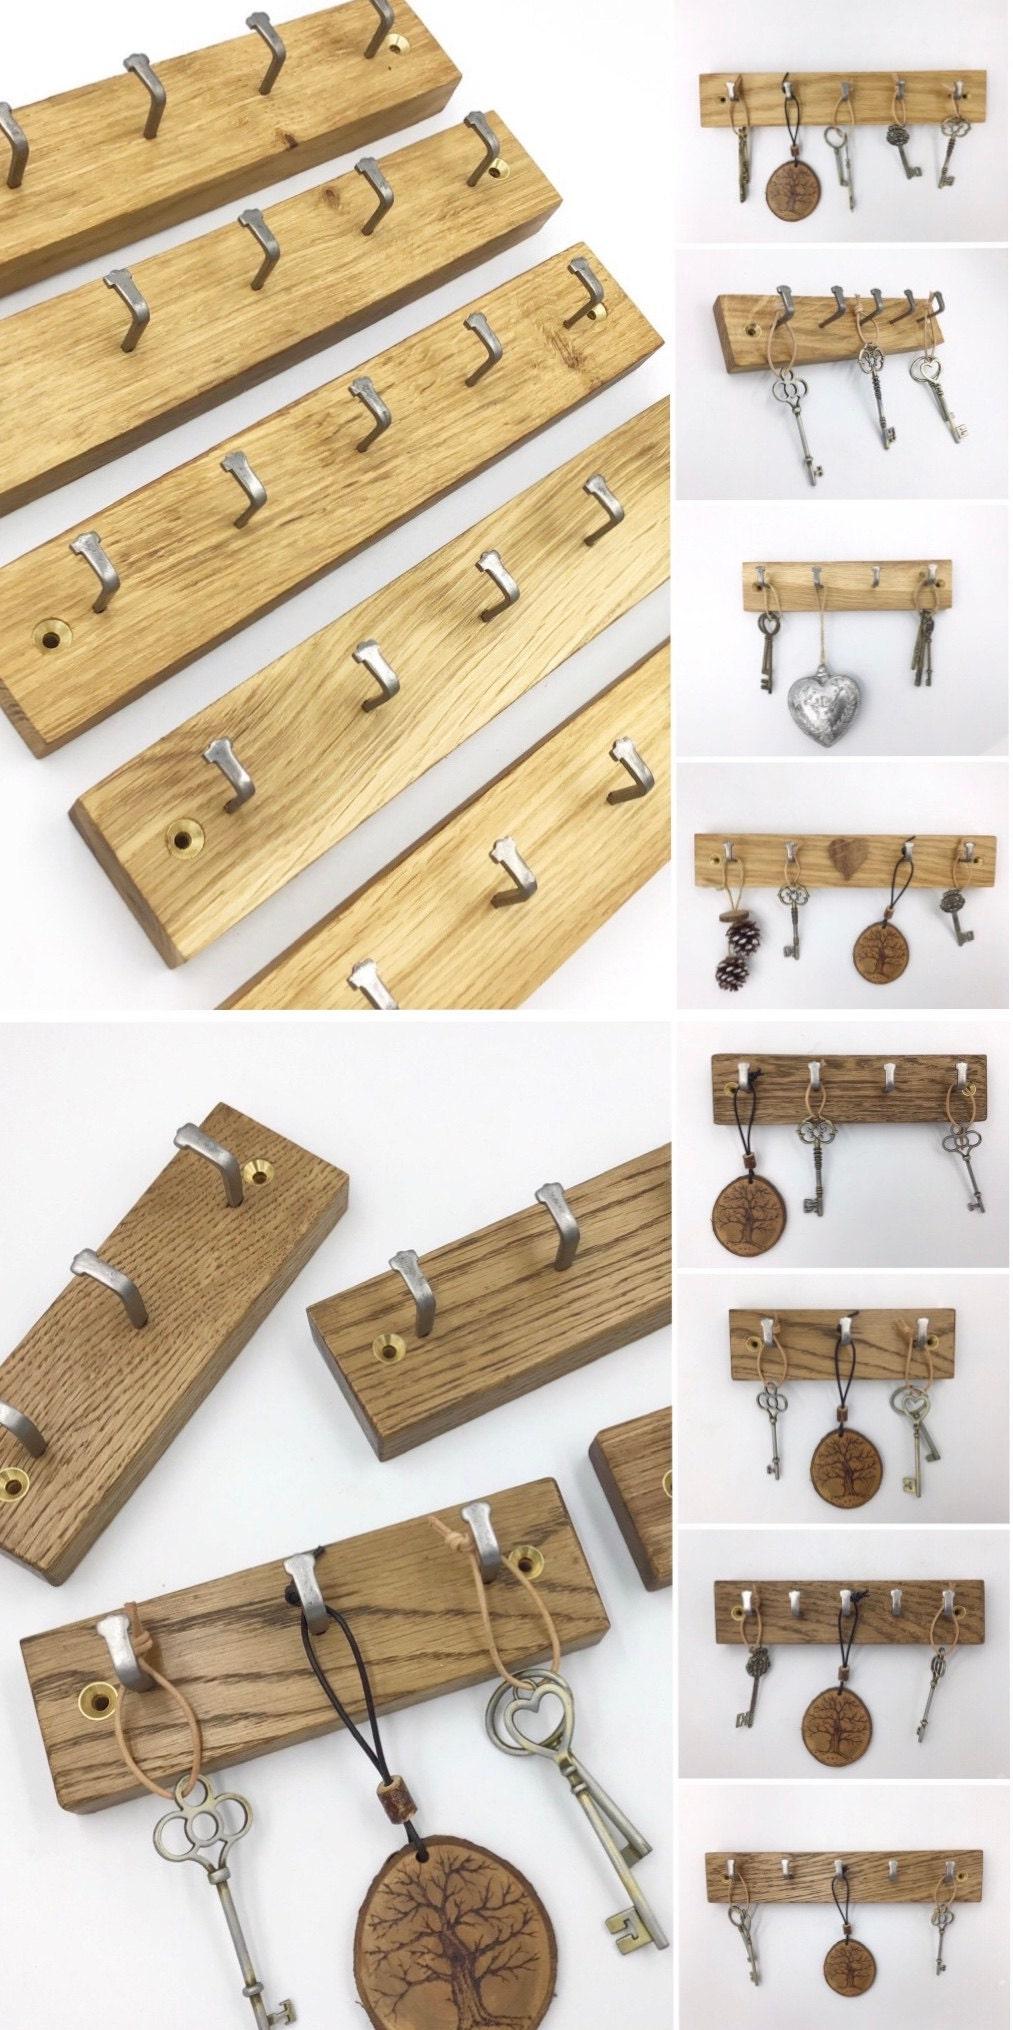 Gorlech Oak wood key racks in light and dark Oak, handcrafted in Wales, UK